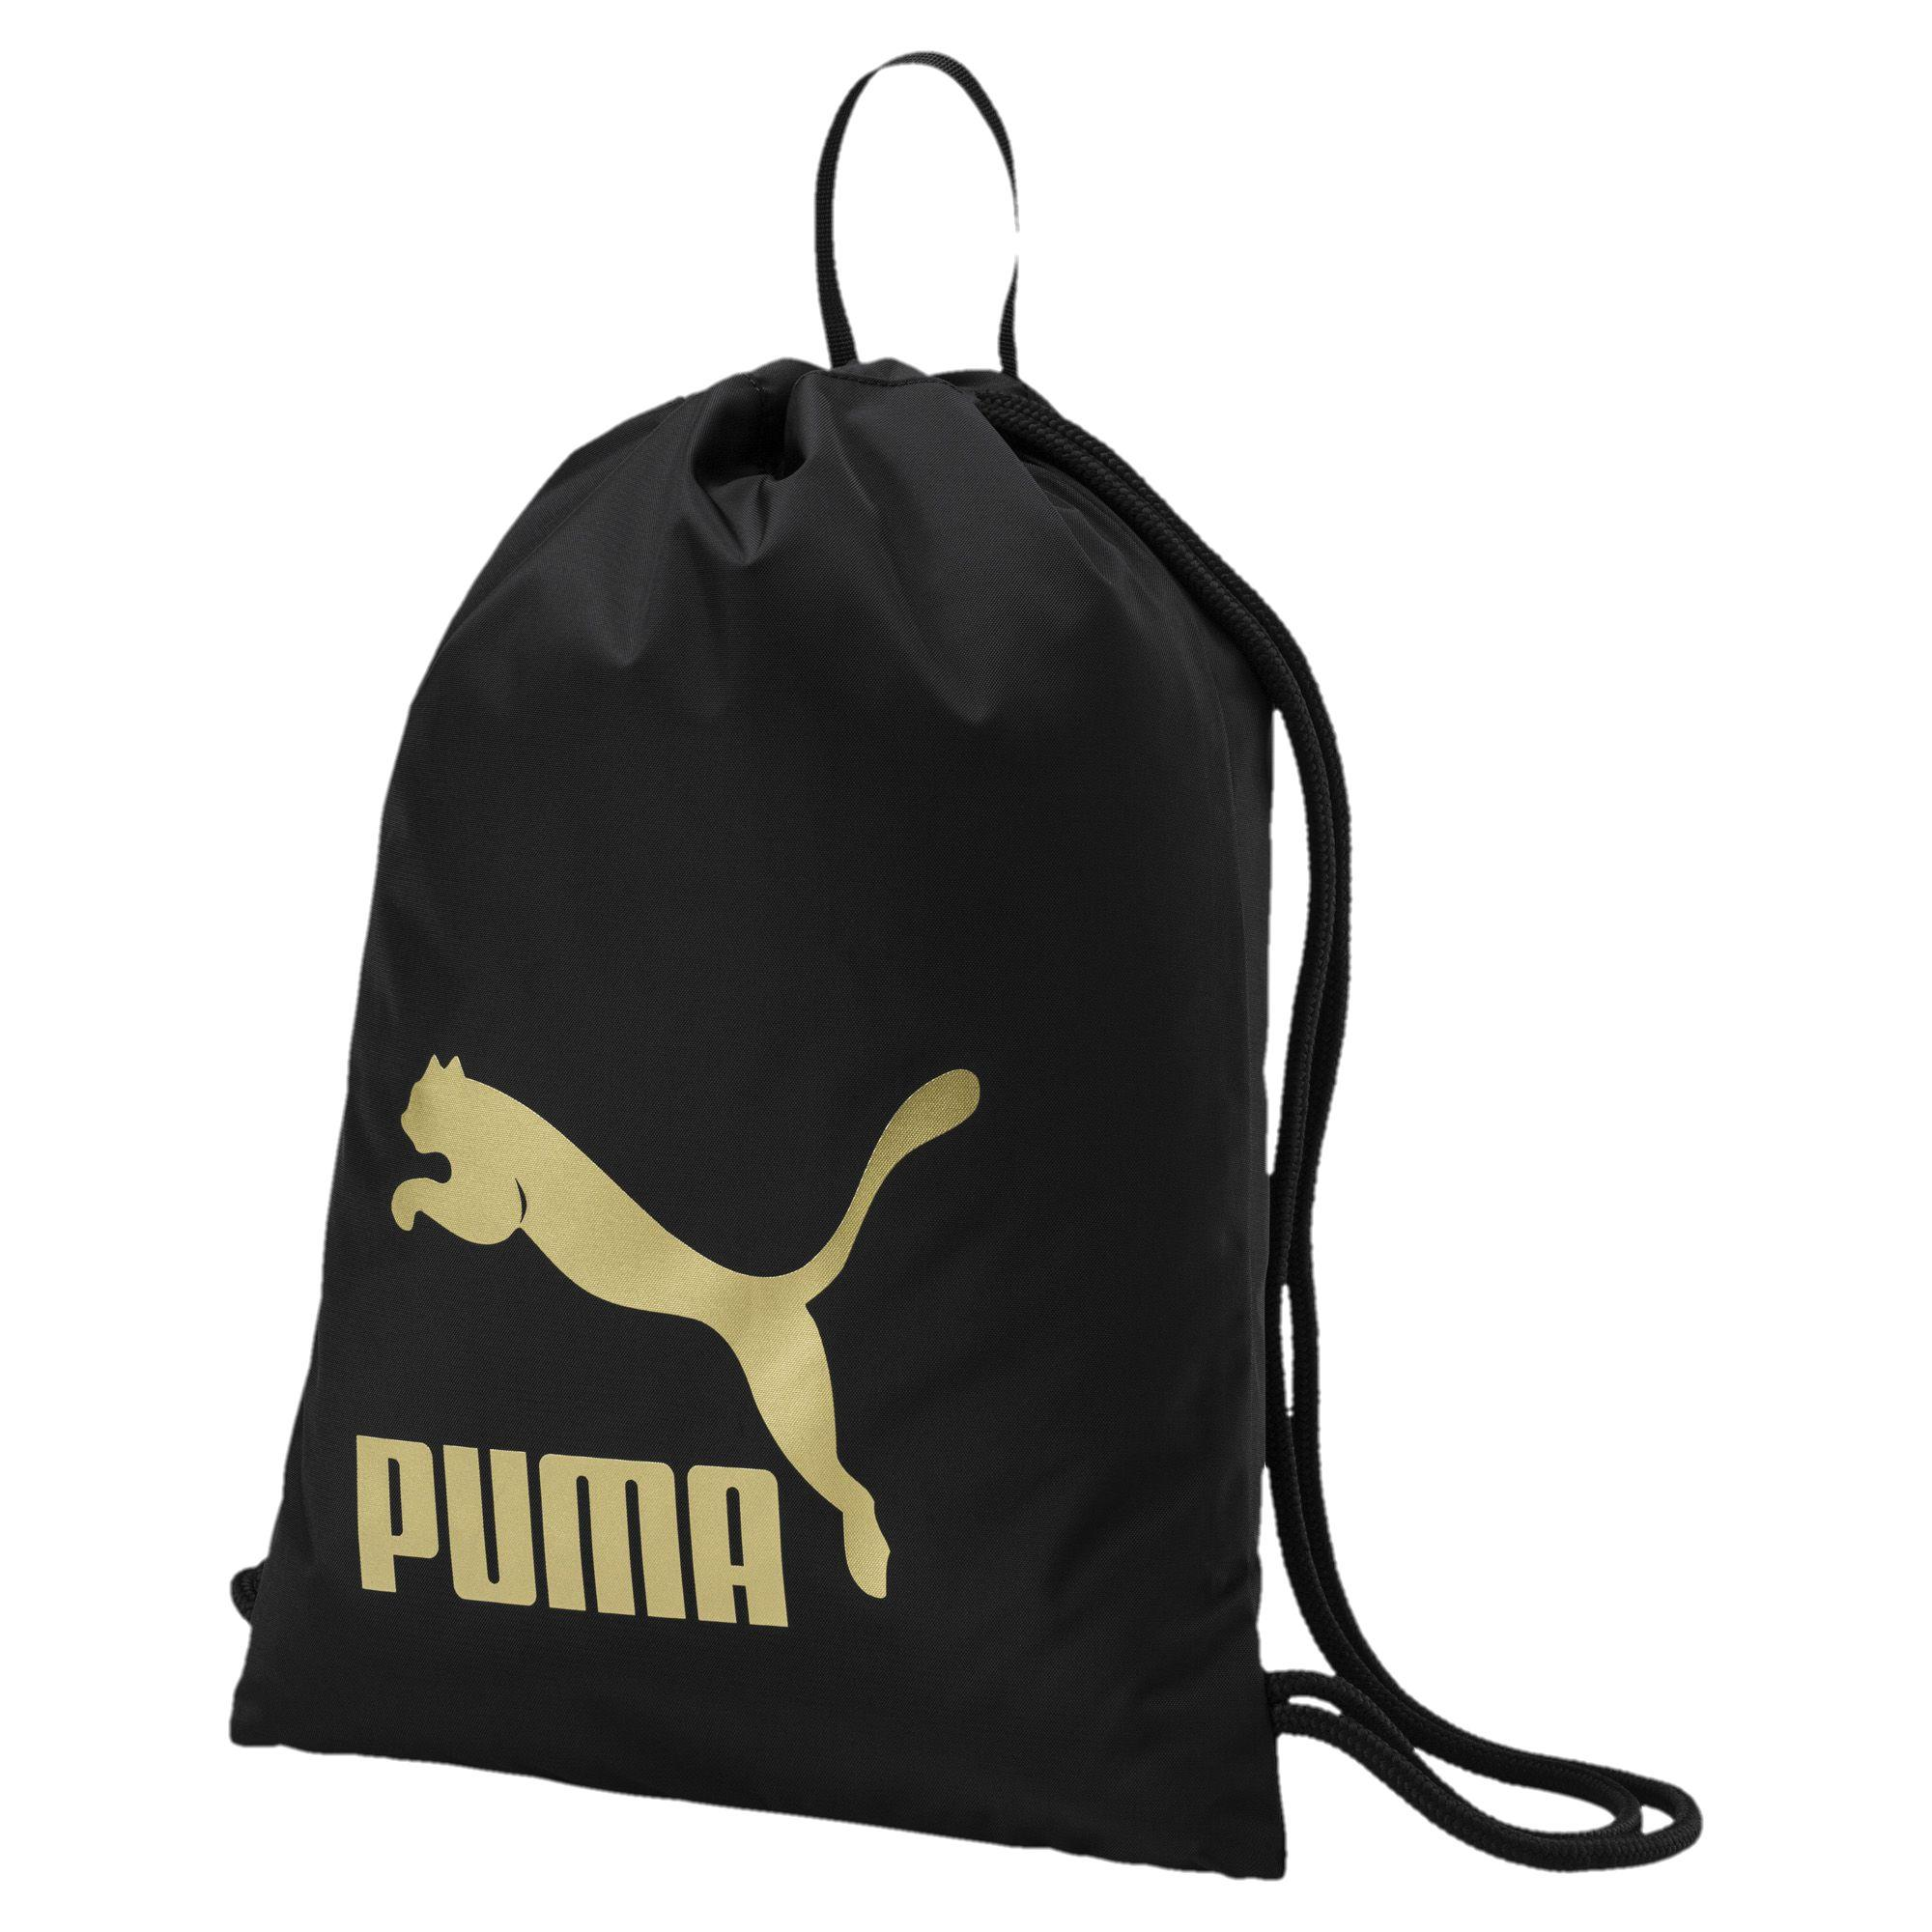 Puma Tas Gymsack Originals - 07481209 - Hitam By Puma Indonesia.